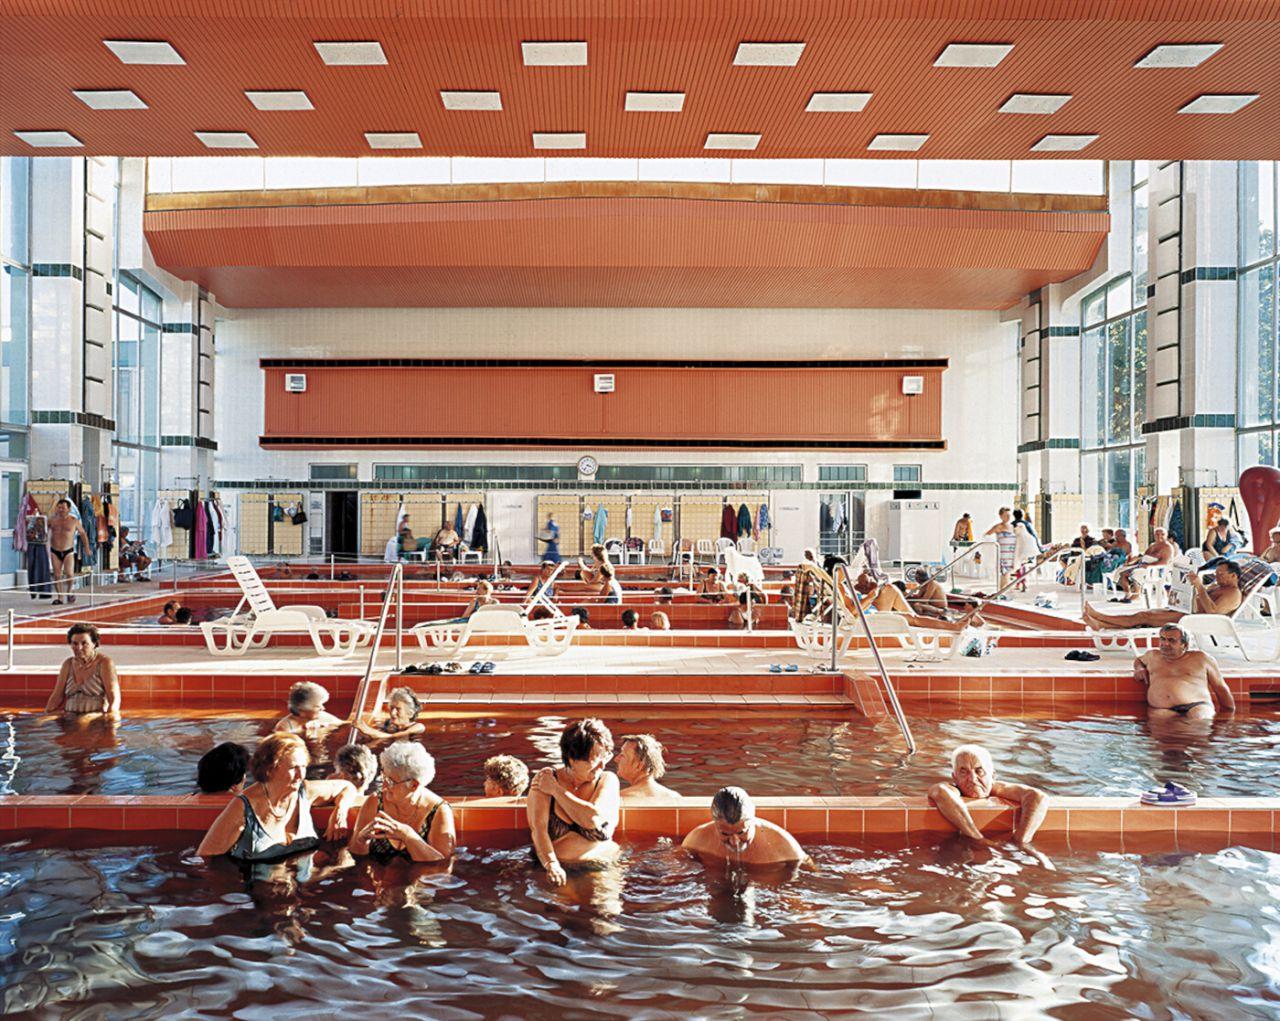 Baño de barro, Hajdúszoboszló, Hungría, 2004